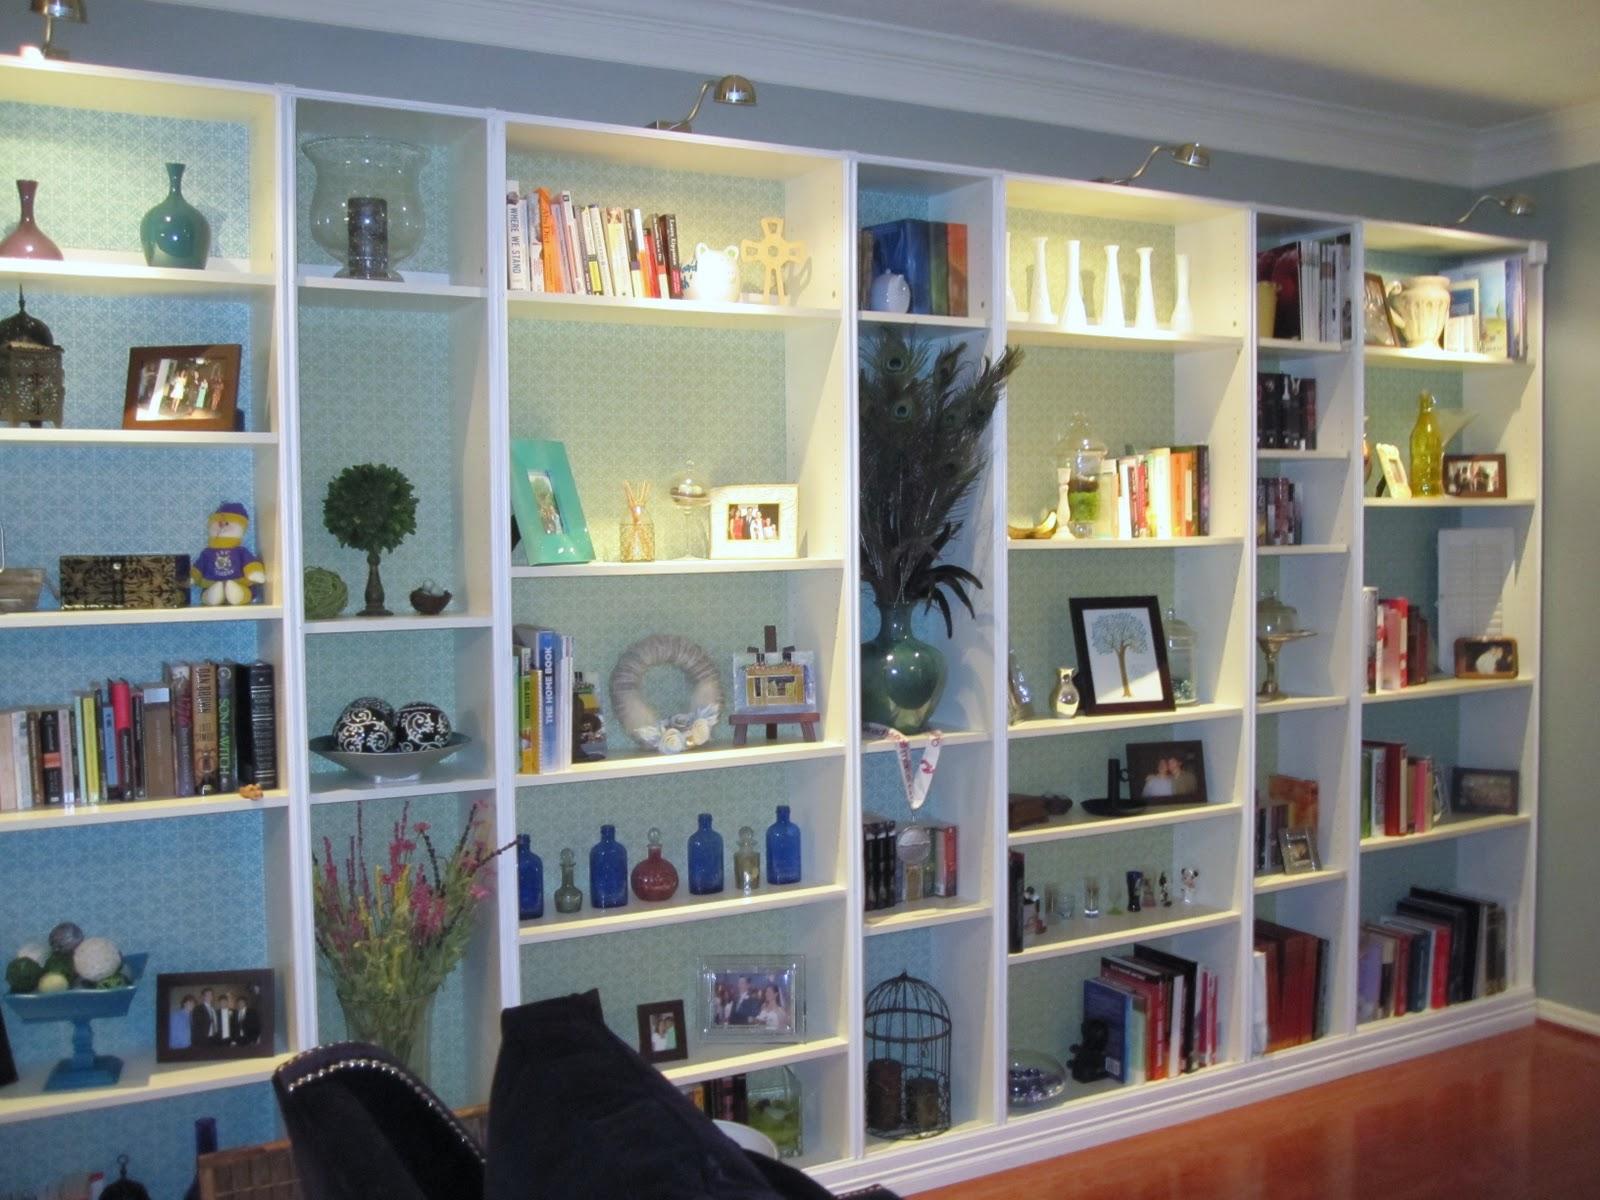 lazy owl boutique ikea hack built in bookshelves tutorial. Black Bedroom Furniture Sets. Home Design Ideas